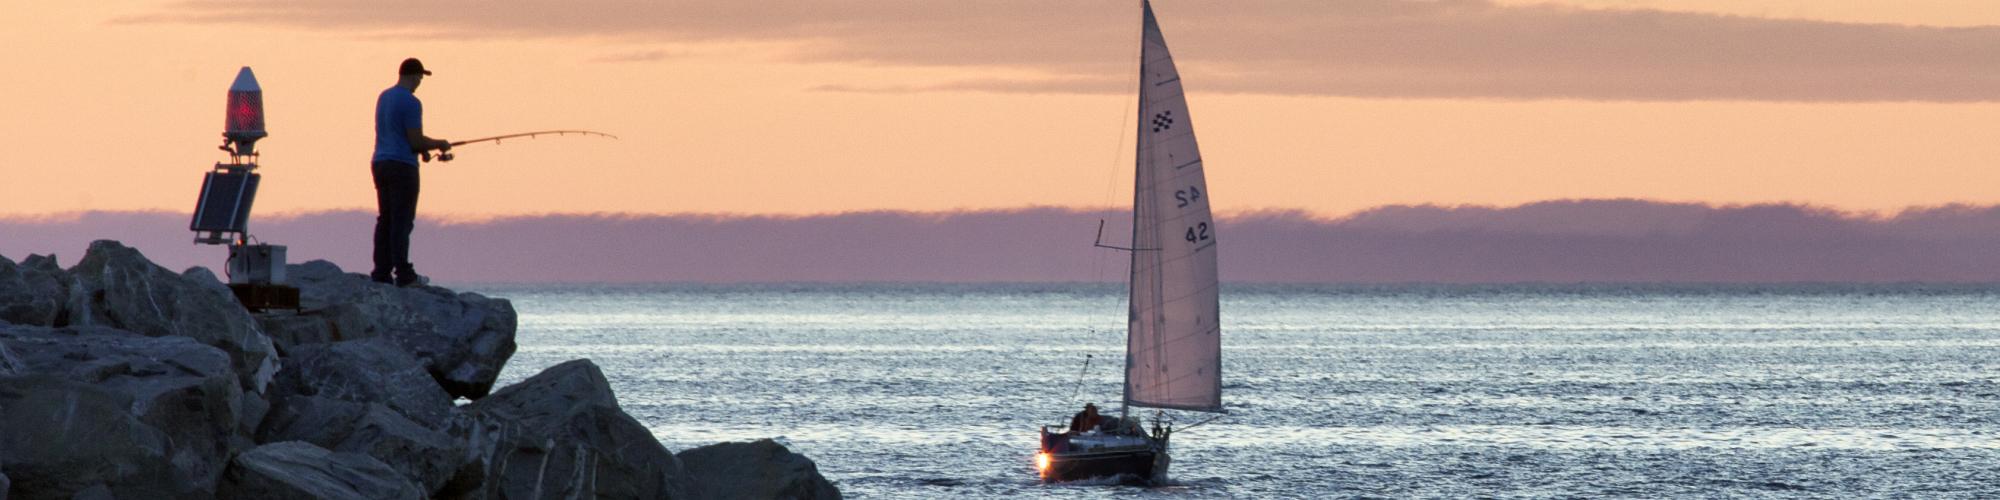 Voilier, pêcheur, bord de mer